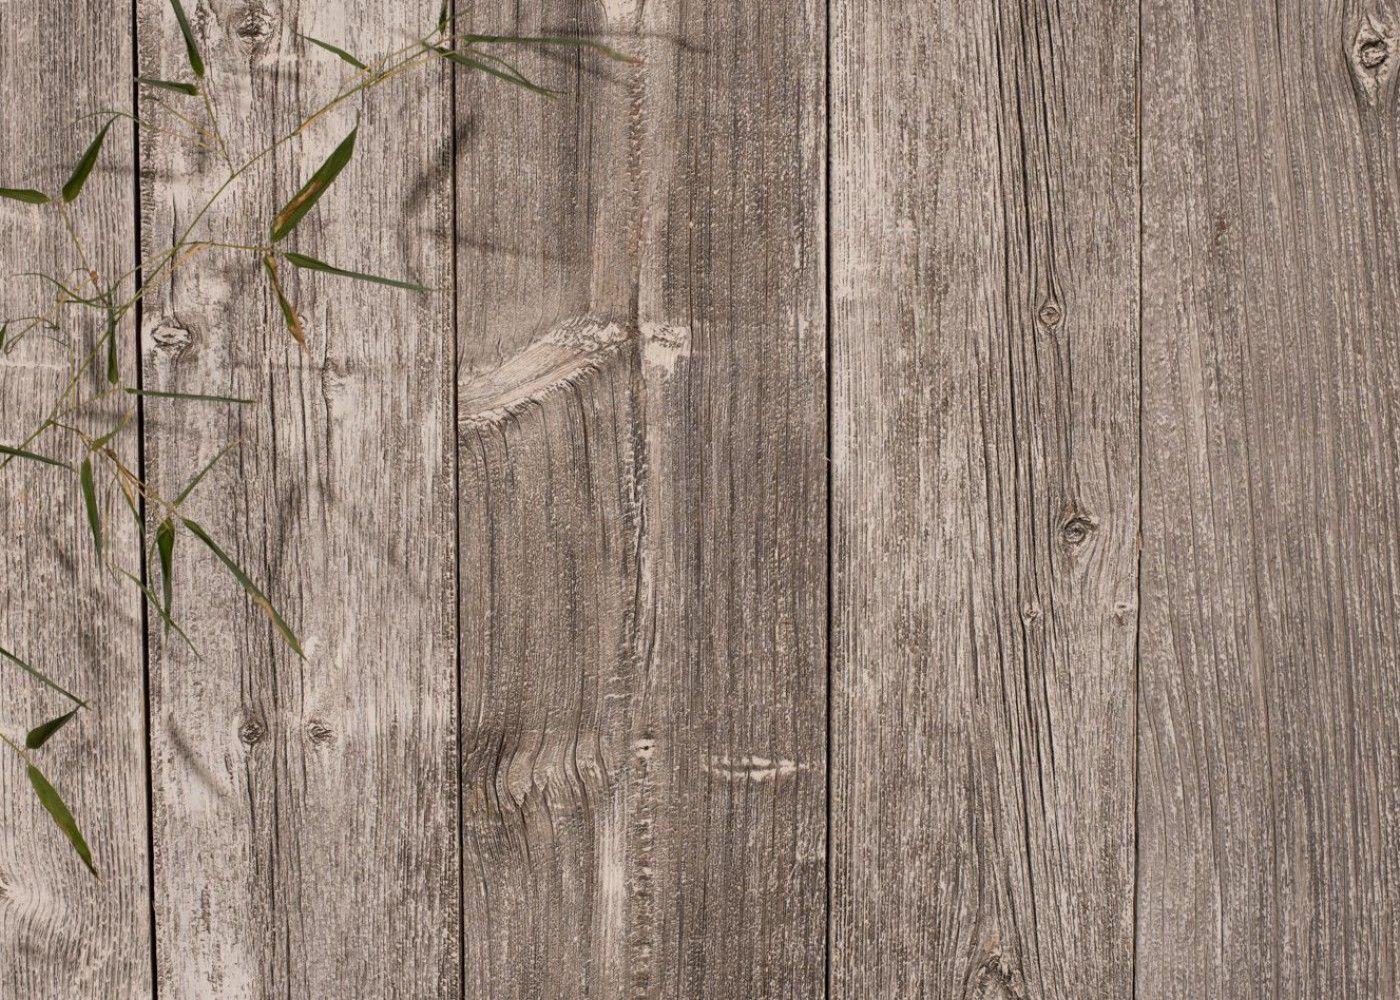 Peinture Bois Gris Patiné nous aimons la beauté patinée des bois vieillis en extérieur